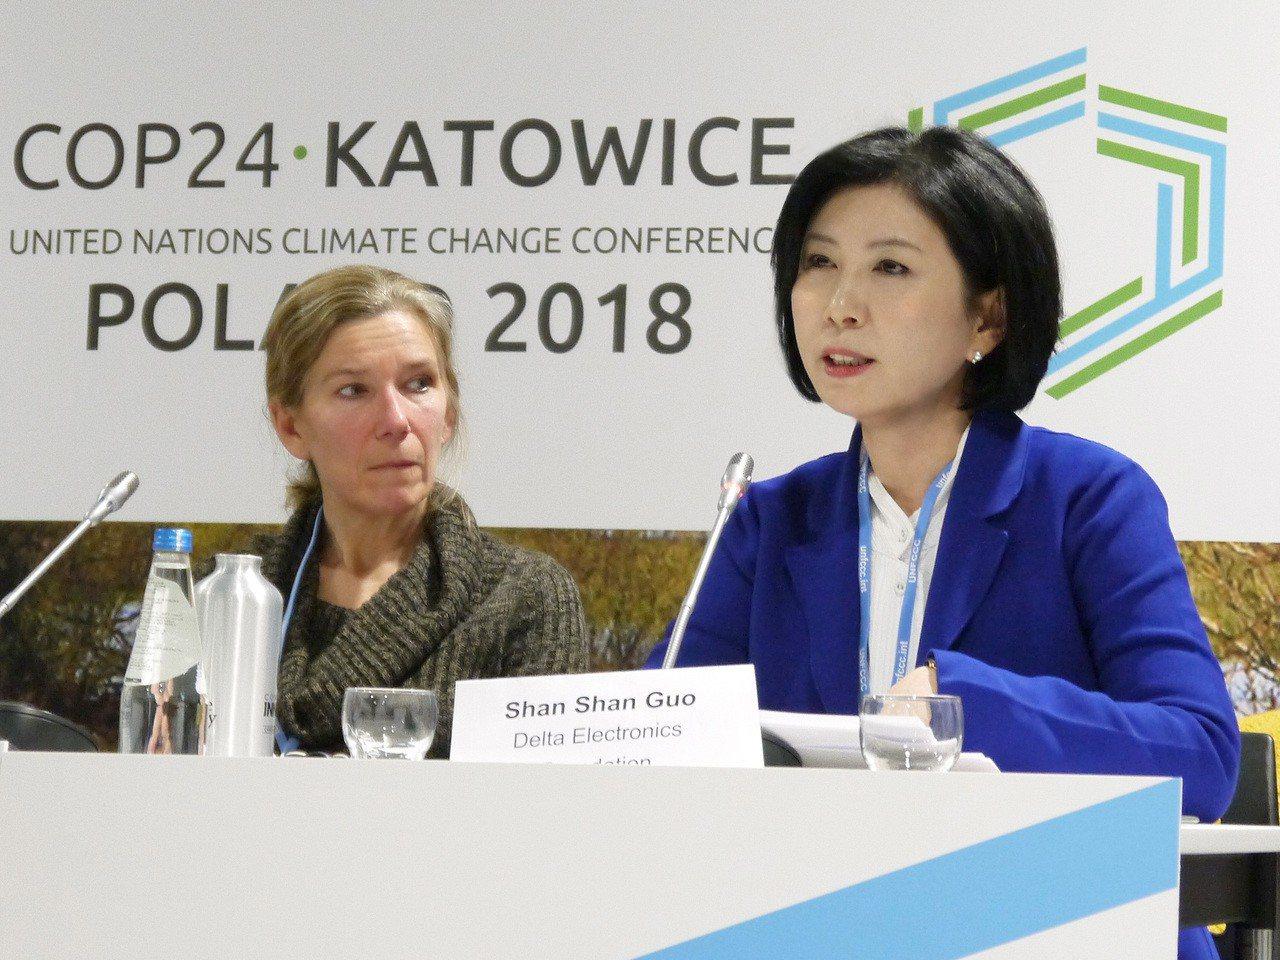 台達電子文教基金會執行長郭珊珊(右)在聯合國氣候大會上,分享分散式能源趨勢。圖/台達提供